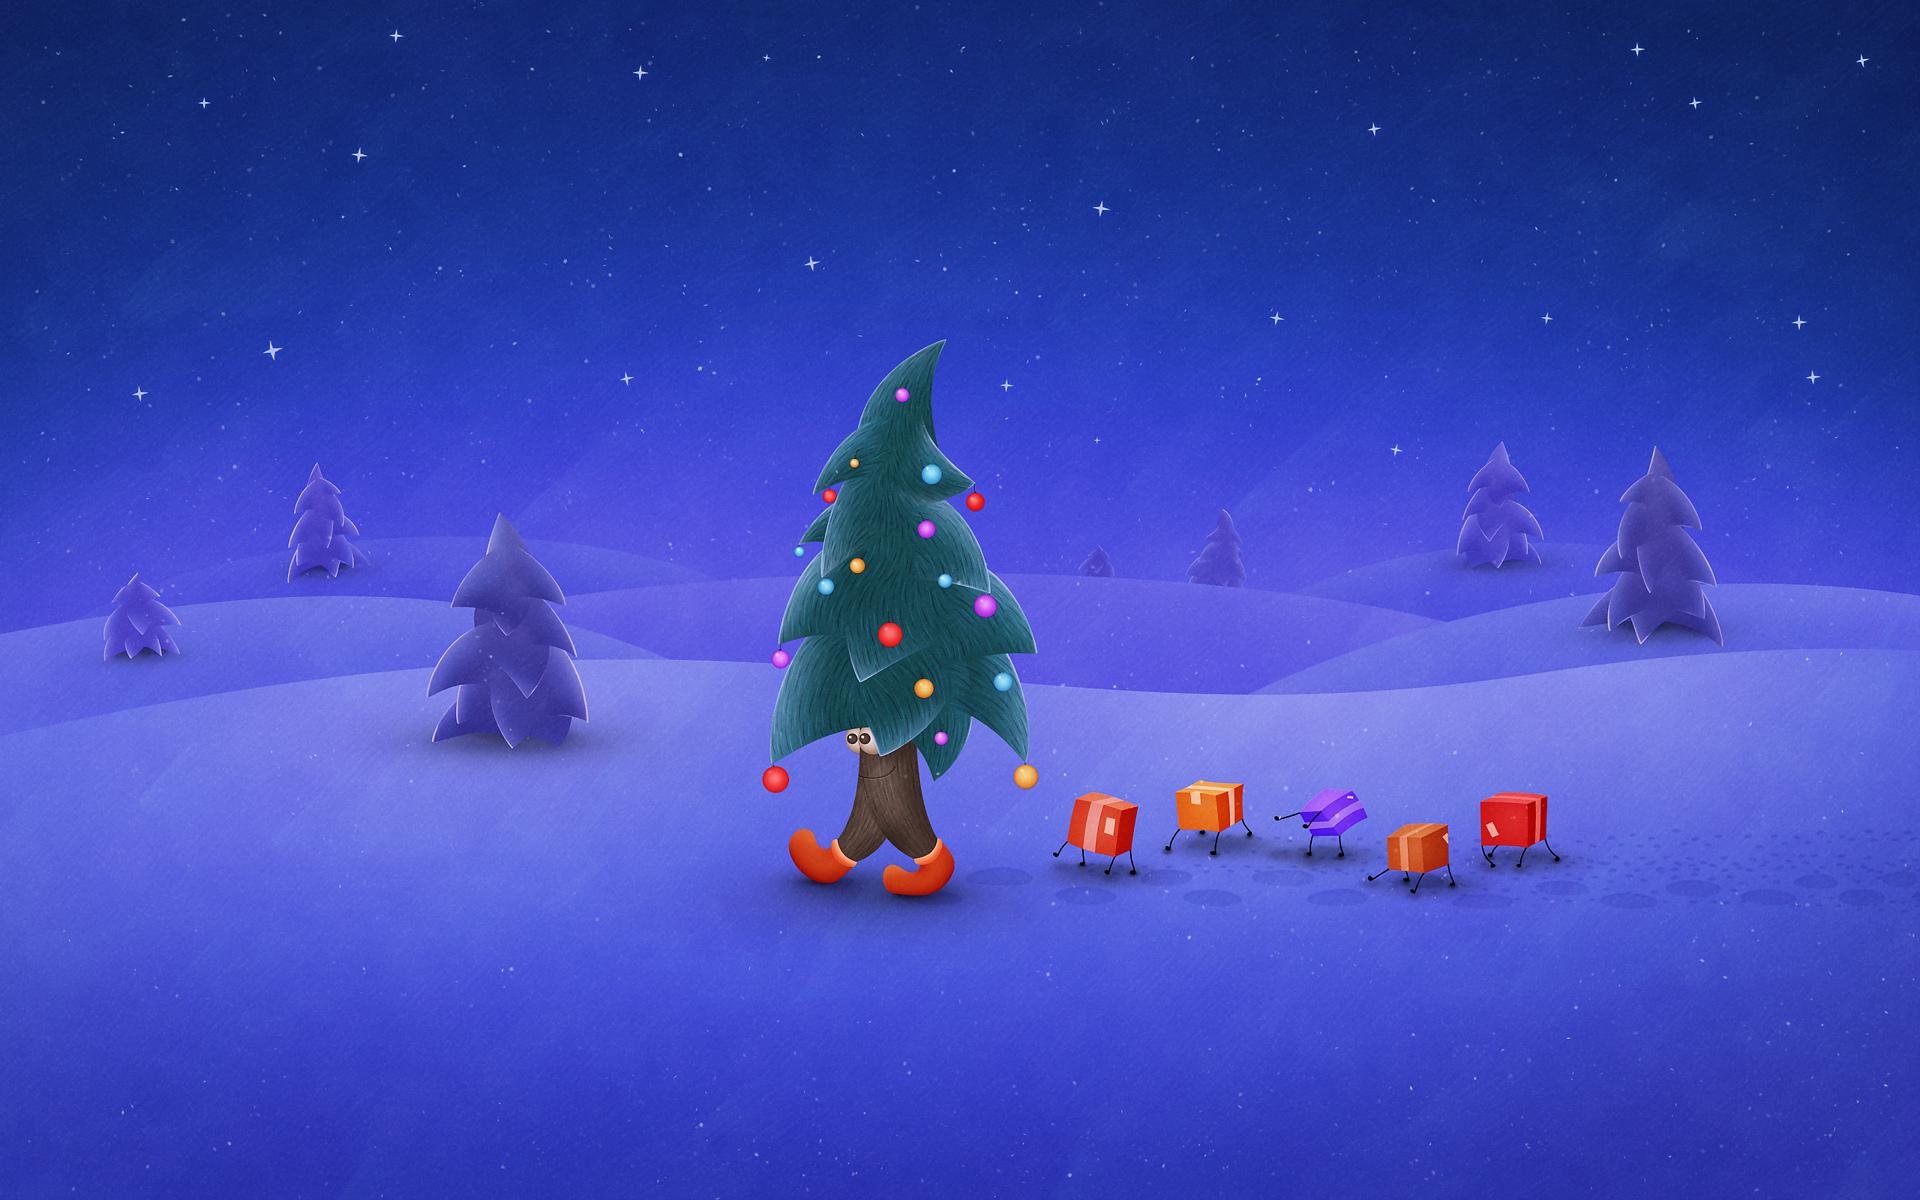 Un lindo arboles navidad en dibujo - 1920x1200